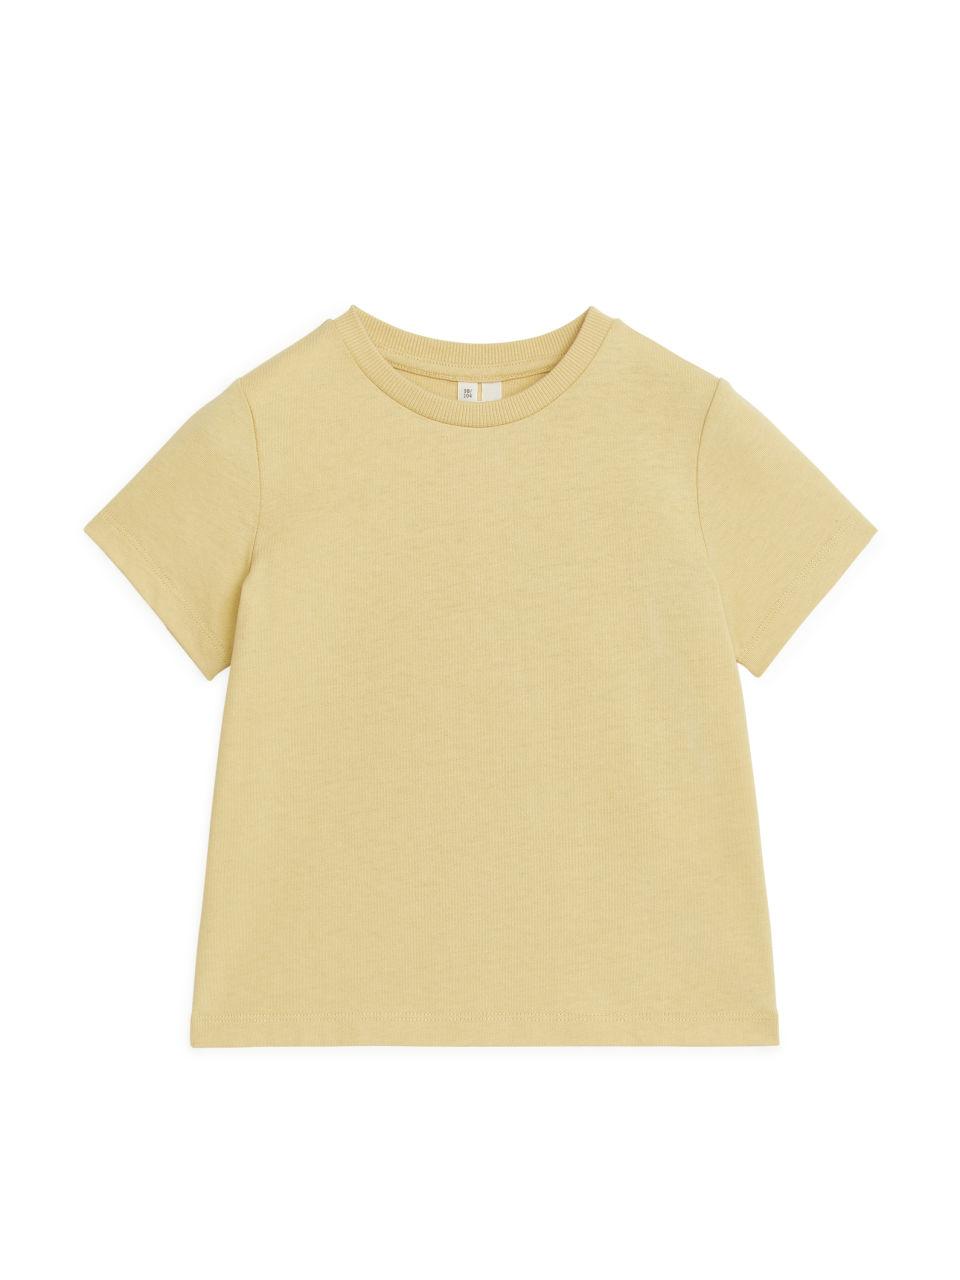 Natural Dye Cotton T-Shirt - Yellow